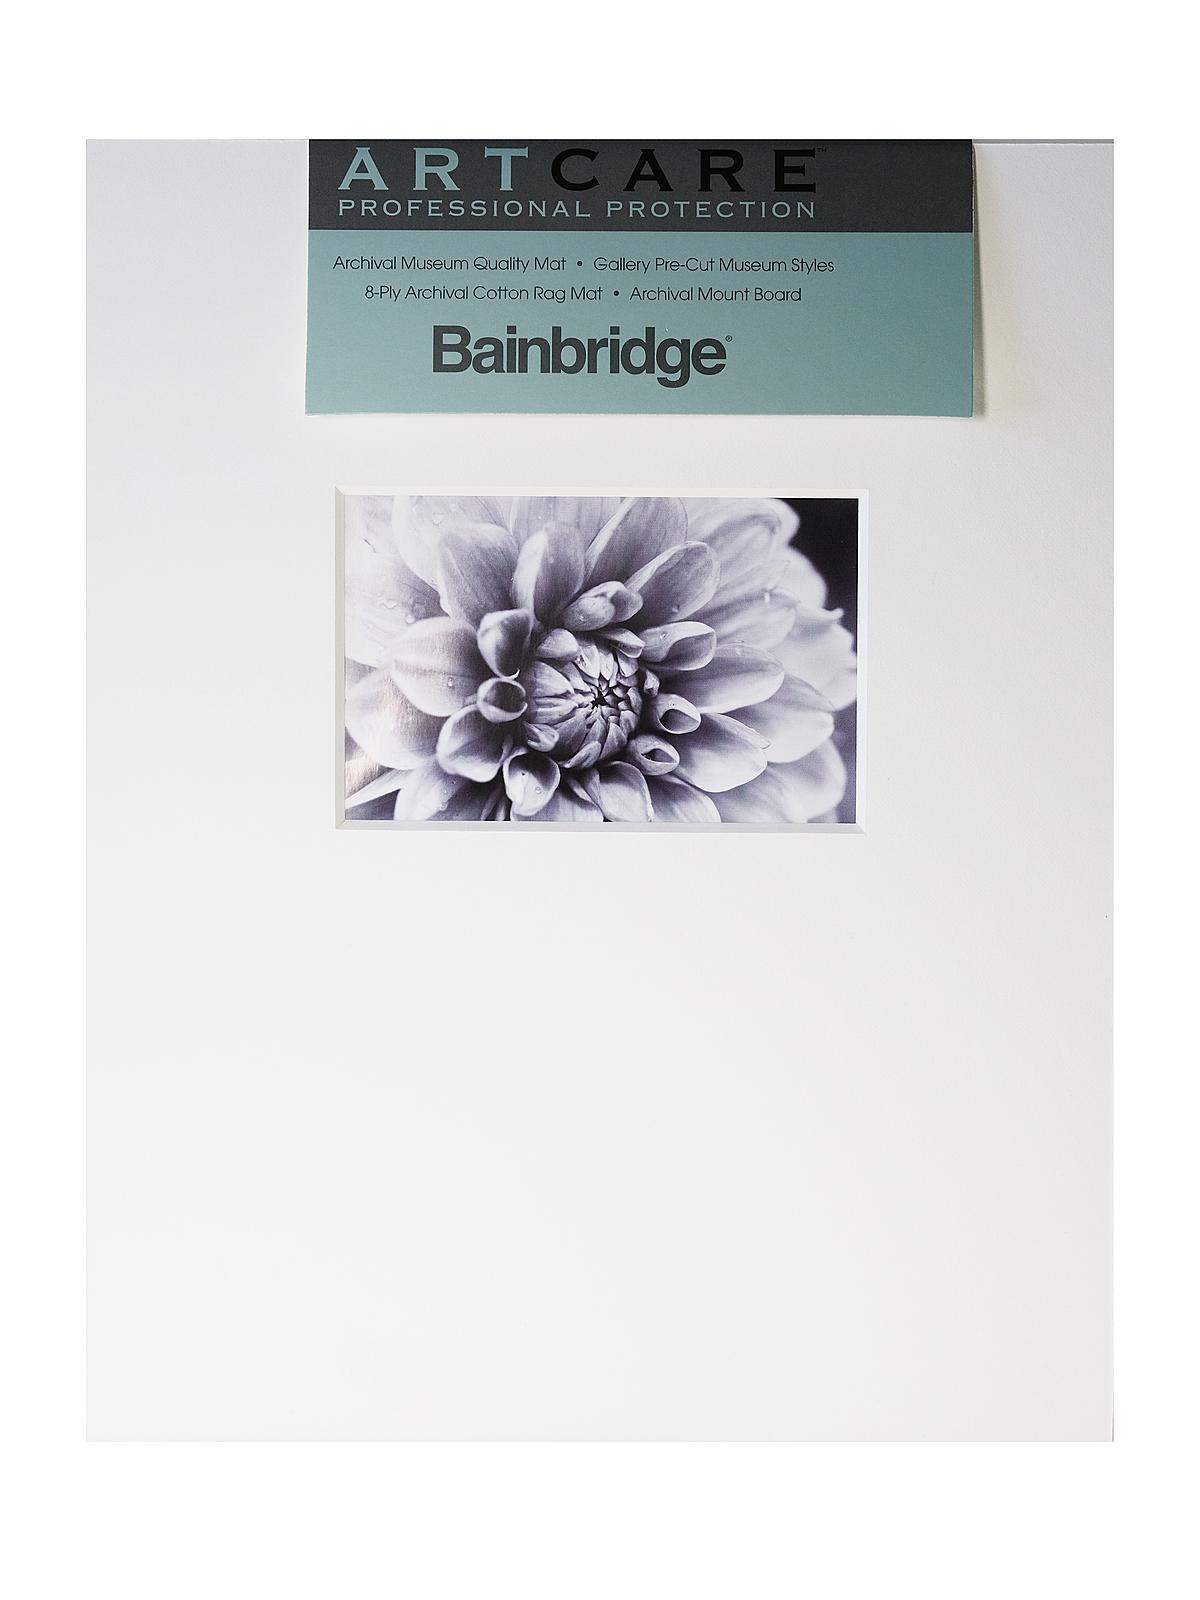 bainbridge reviews pdx wayfair zipcode board pendant mats light mat lighting design